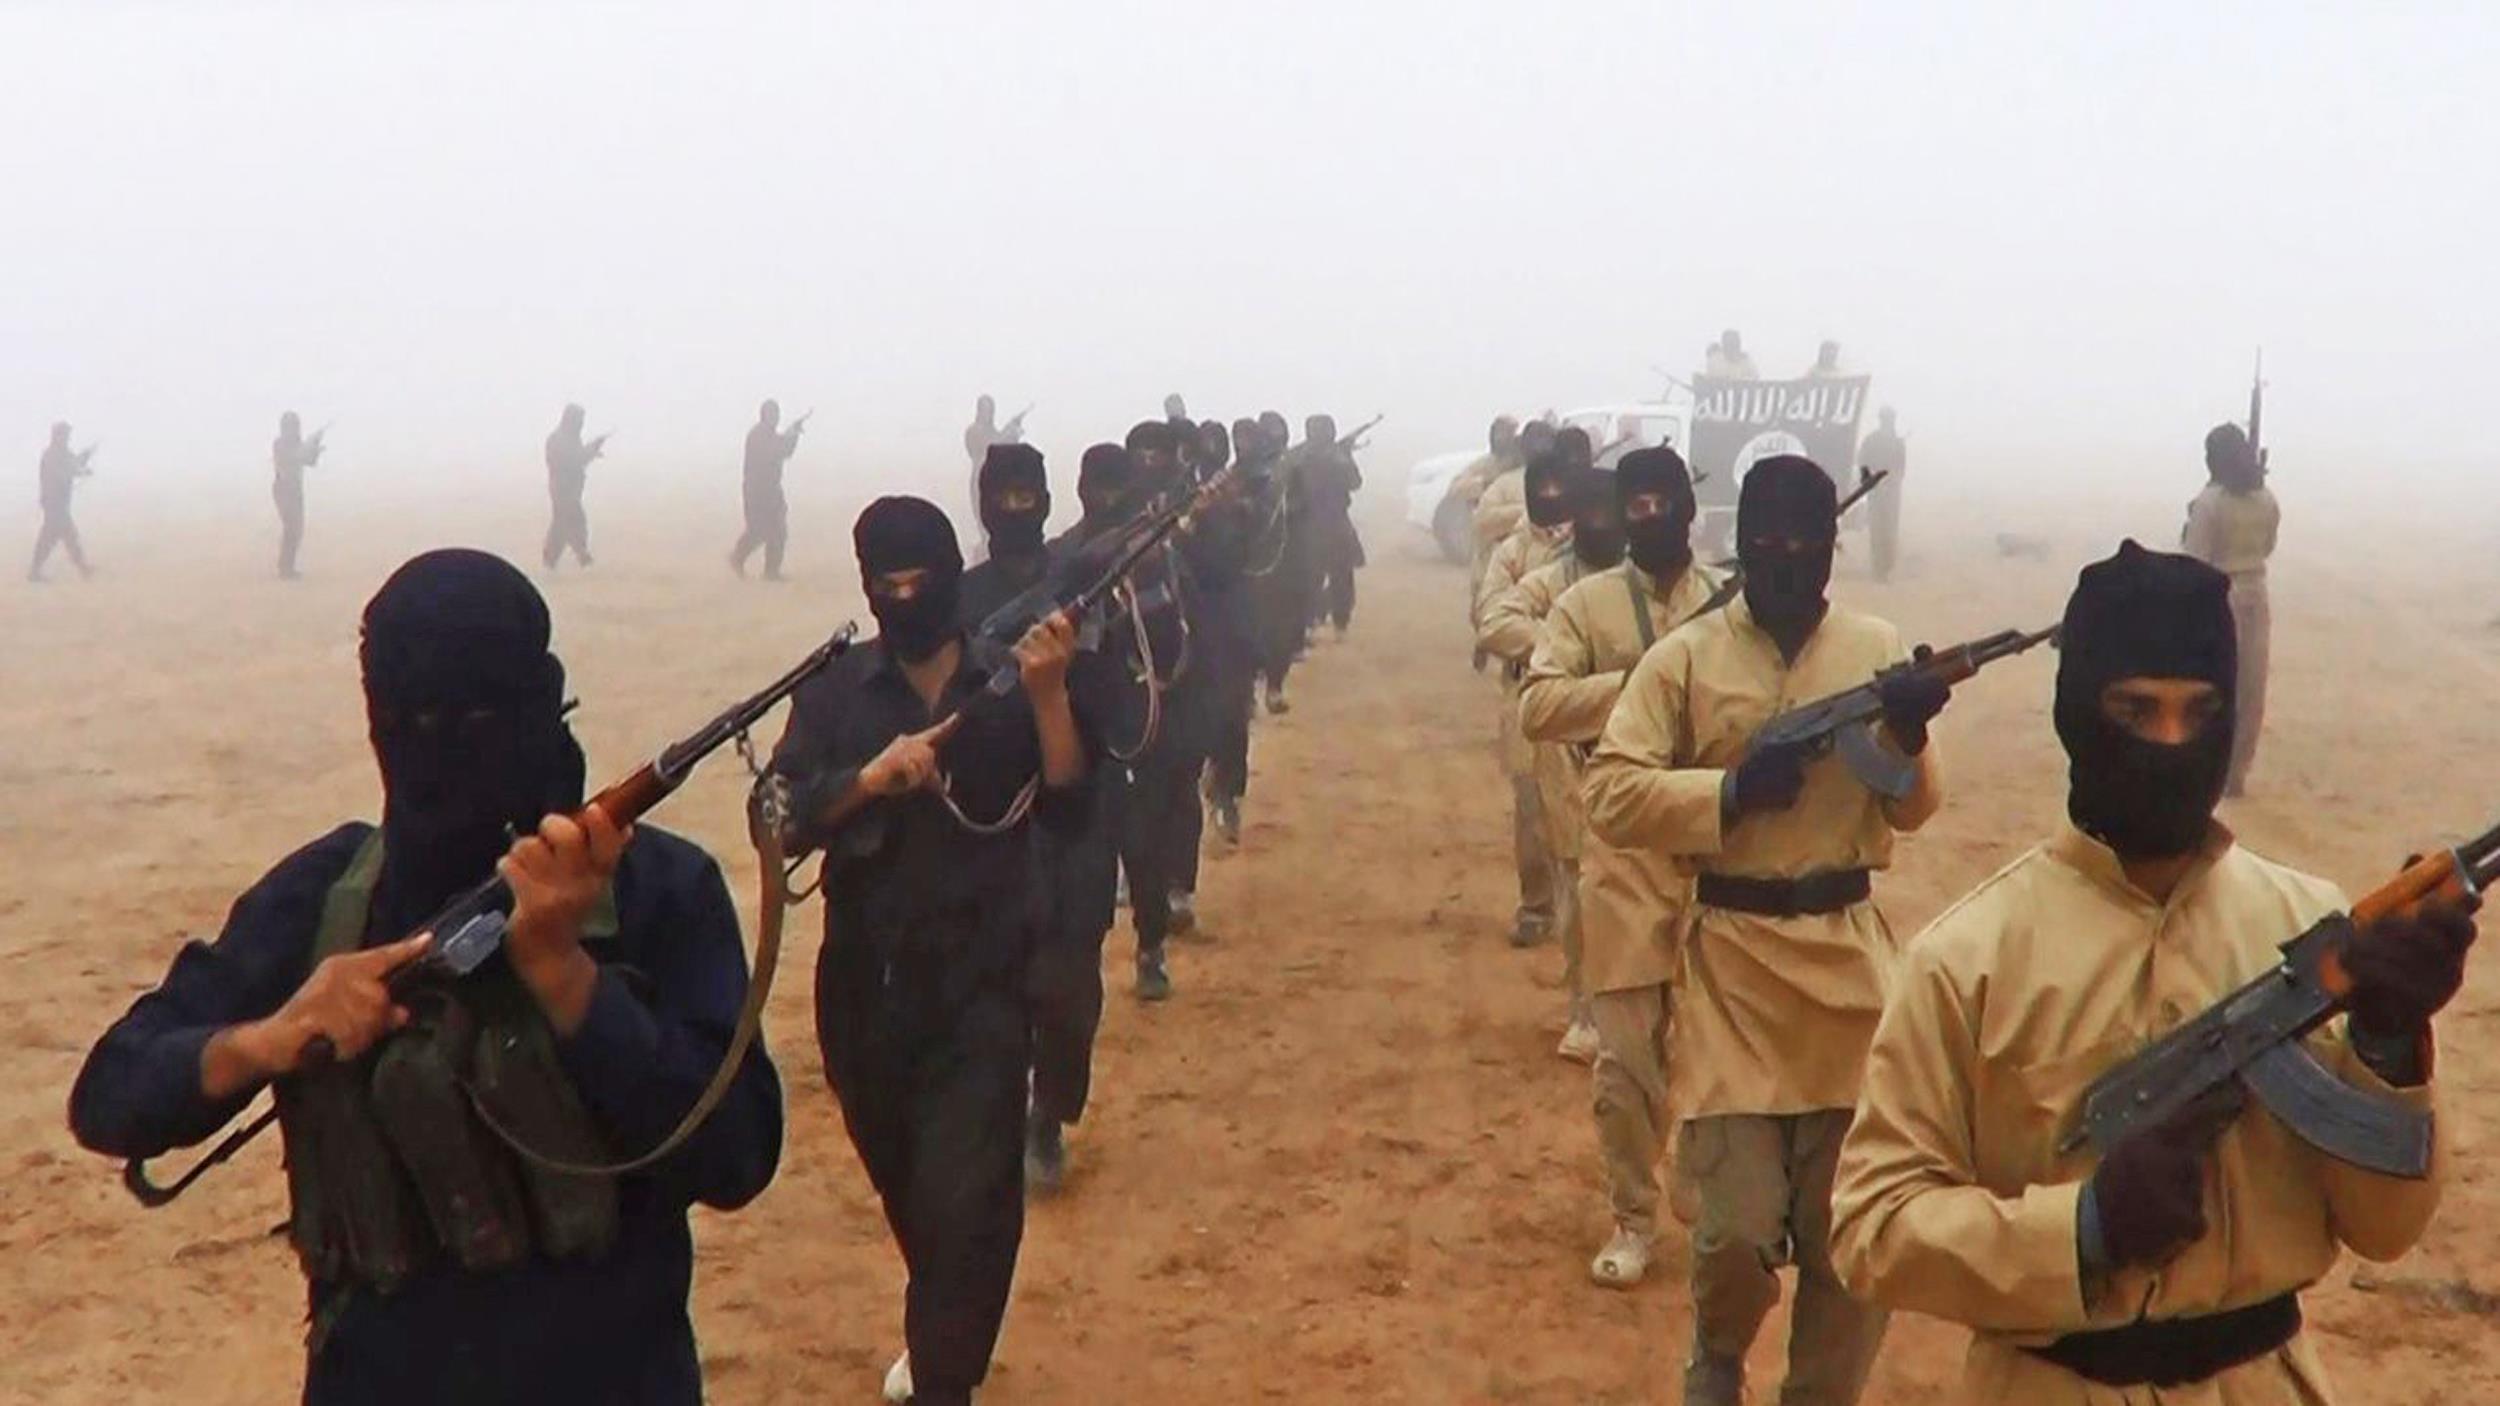 grupo extremista musulmán del Estado Islámico de Irak y el Levante